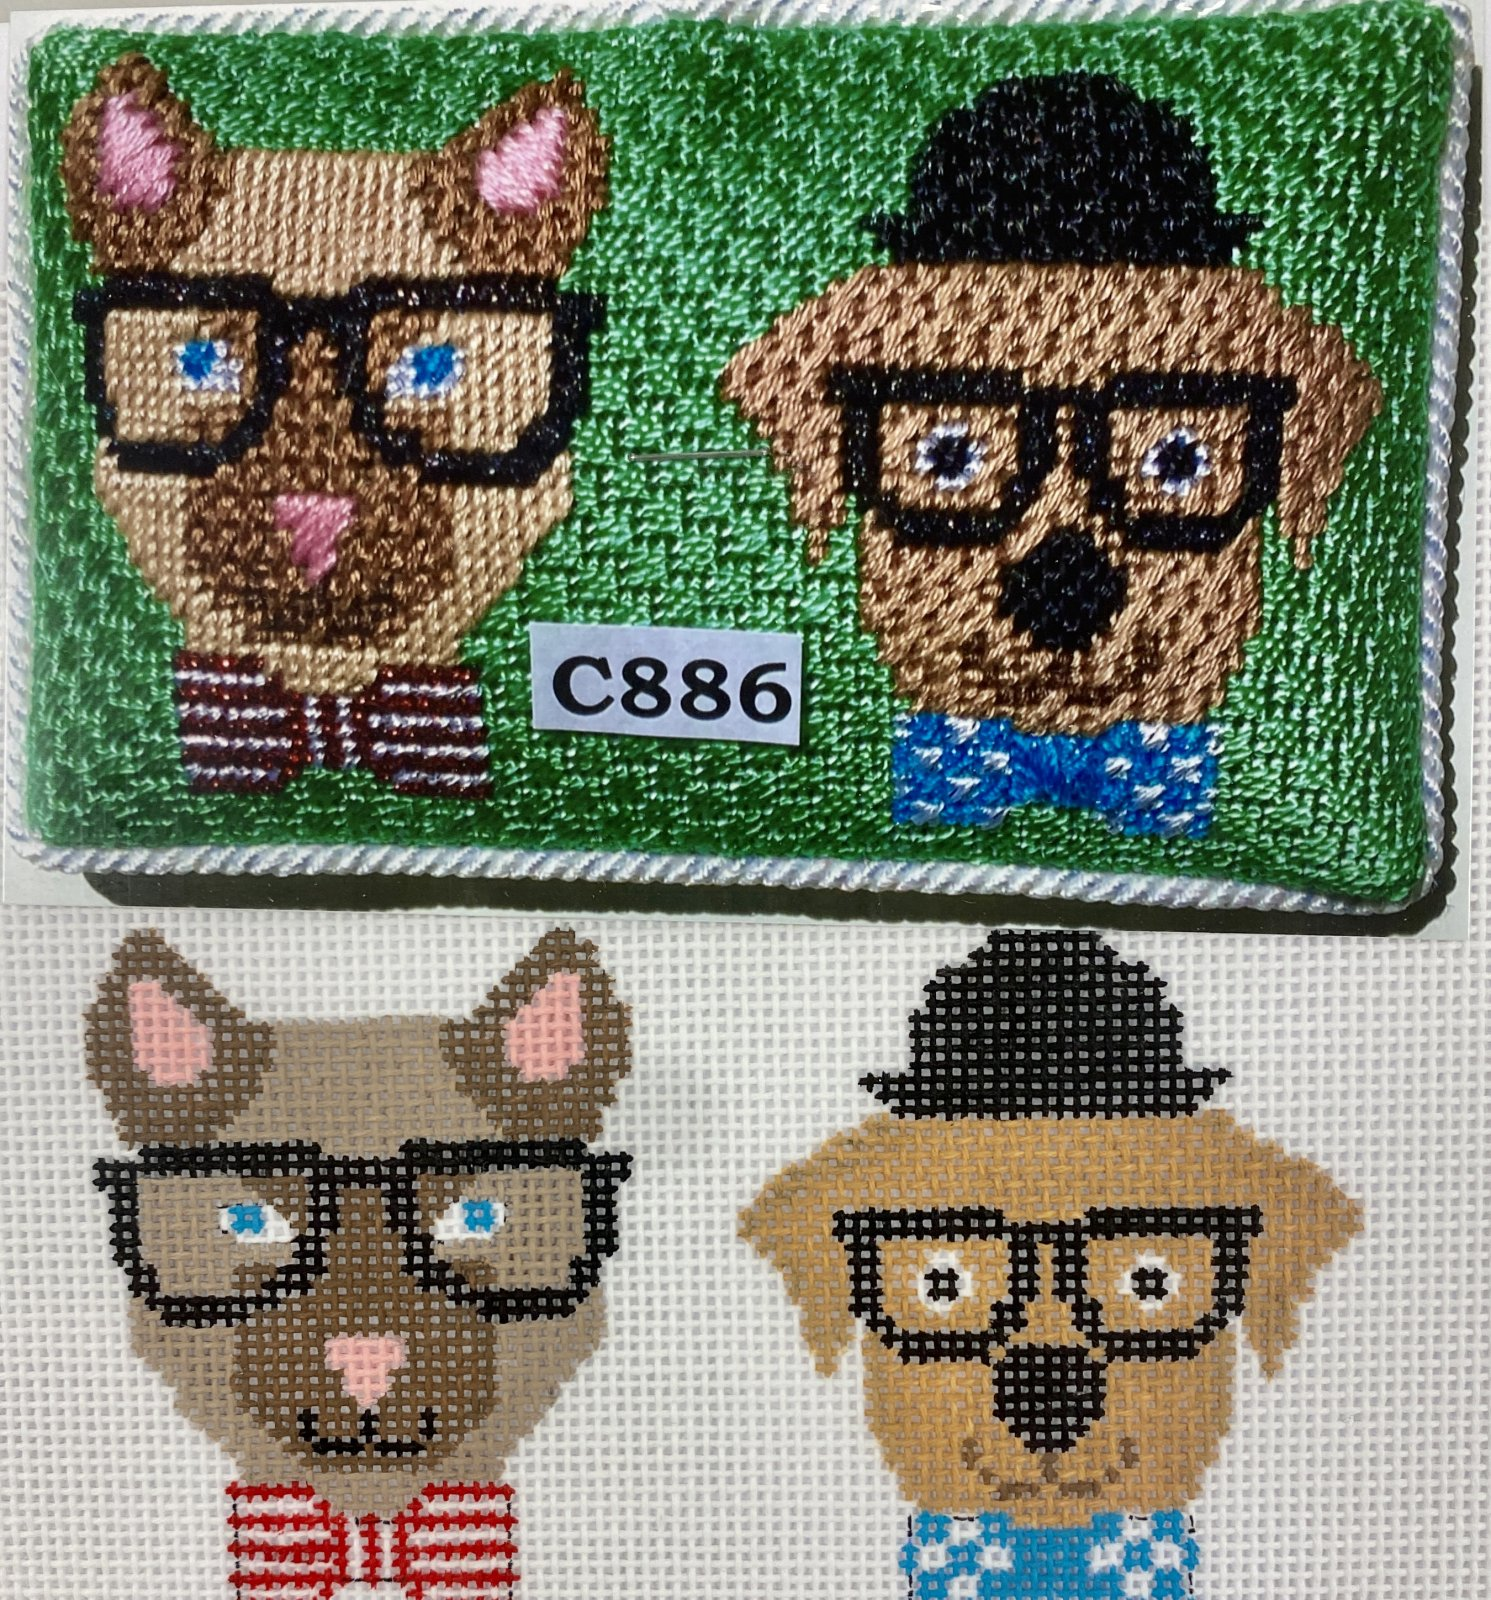 animals in glasses C886